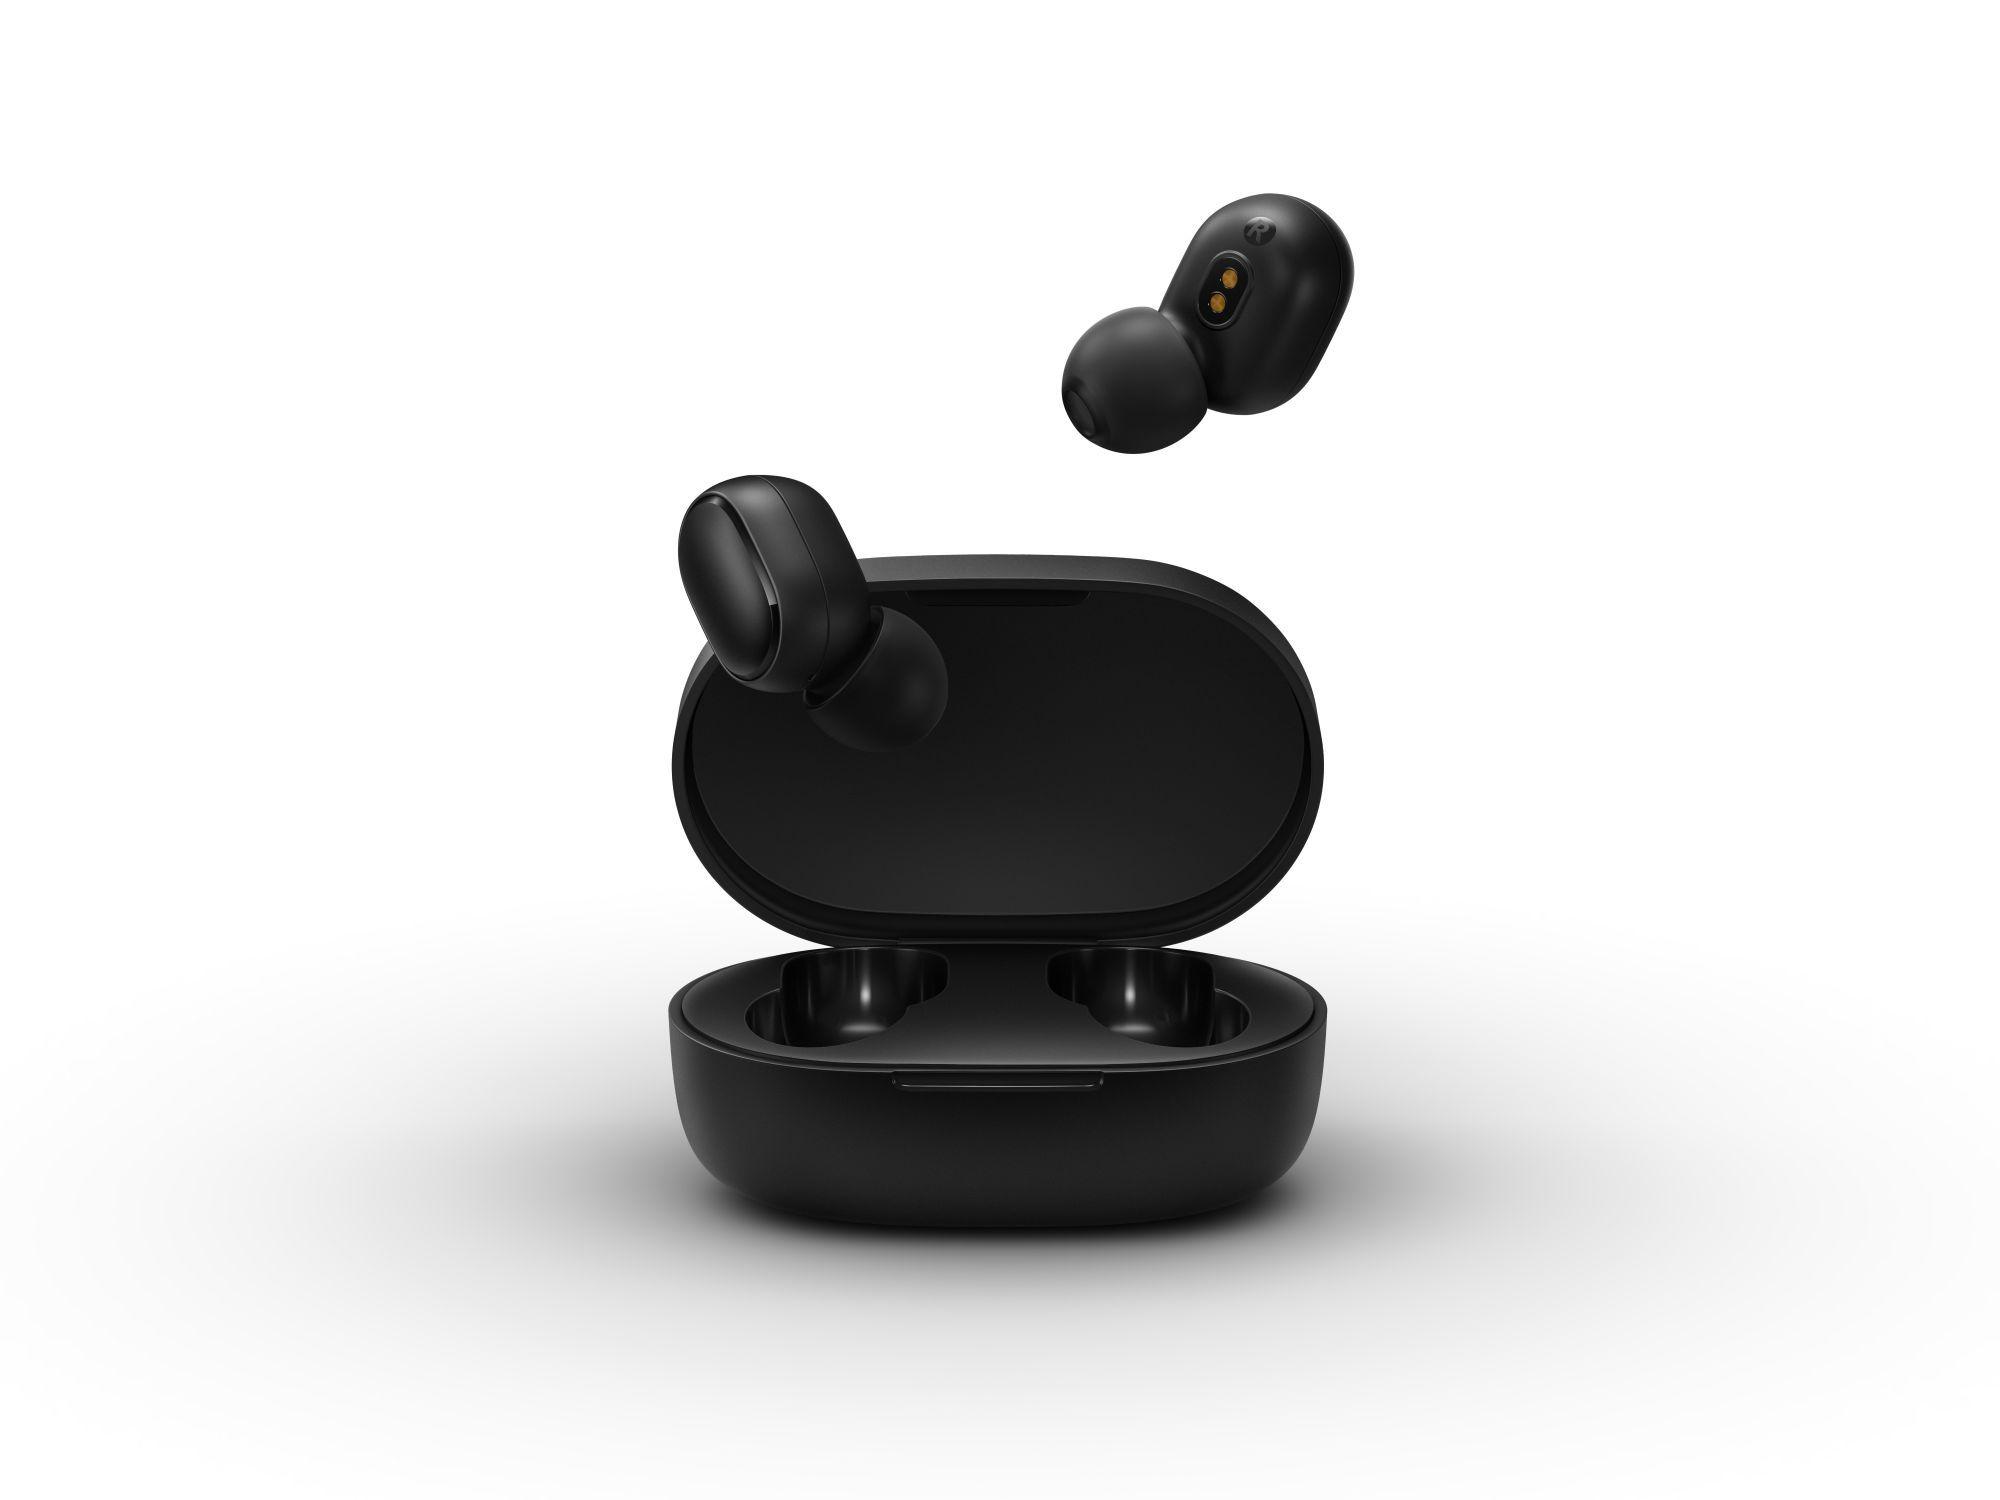 Mi True Wireless Earbuds 03 1